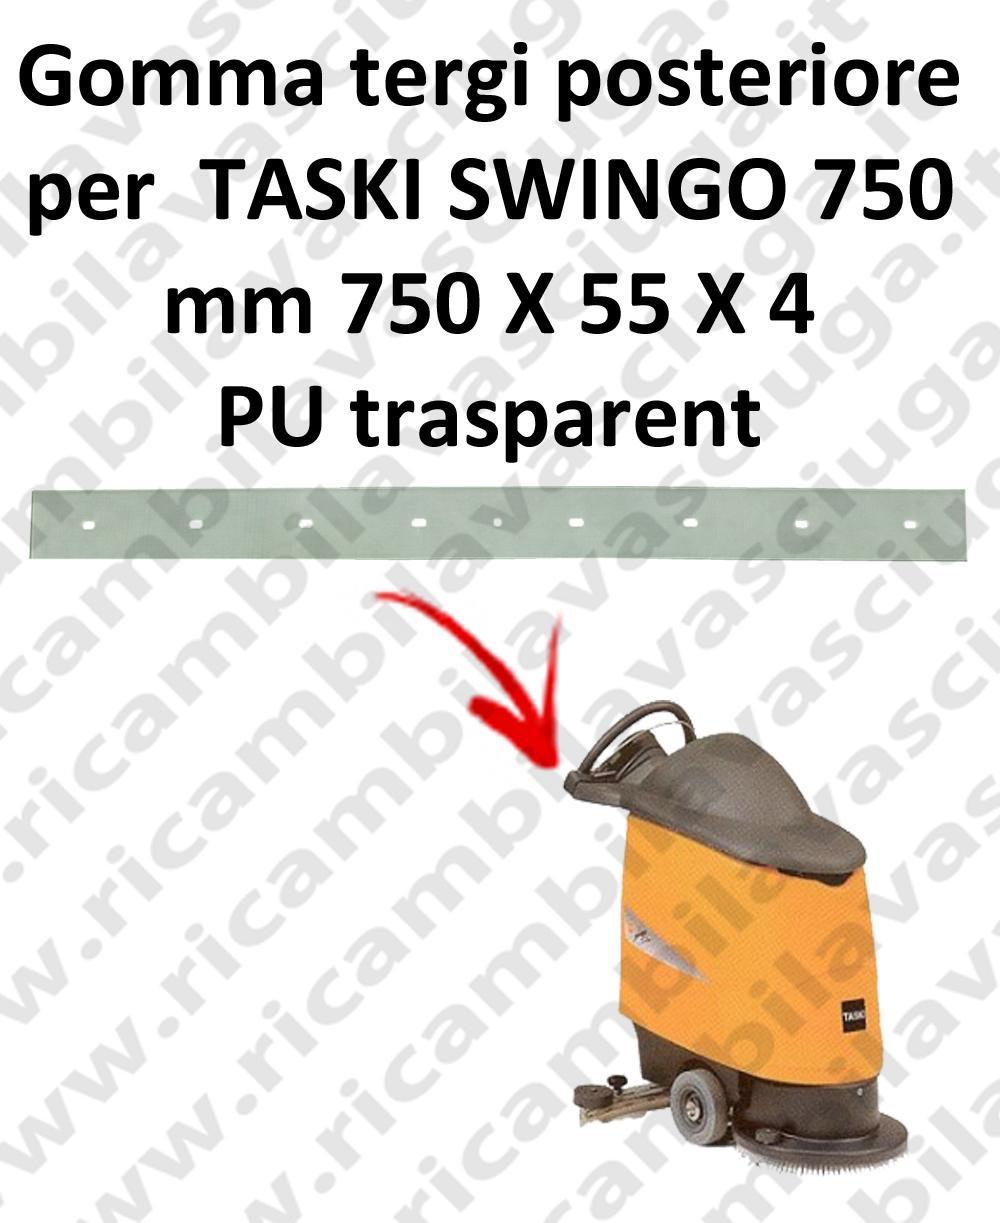 SWINGO 750  BAVETTE ARRIERE pour TASKI rechange autolaveuses suceur